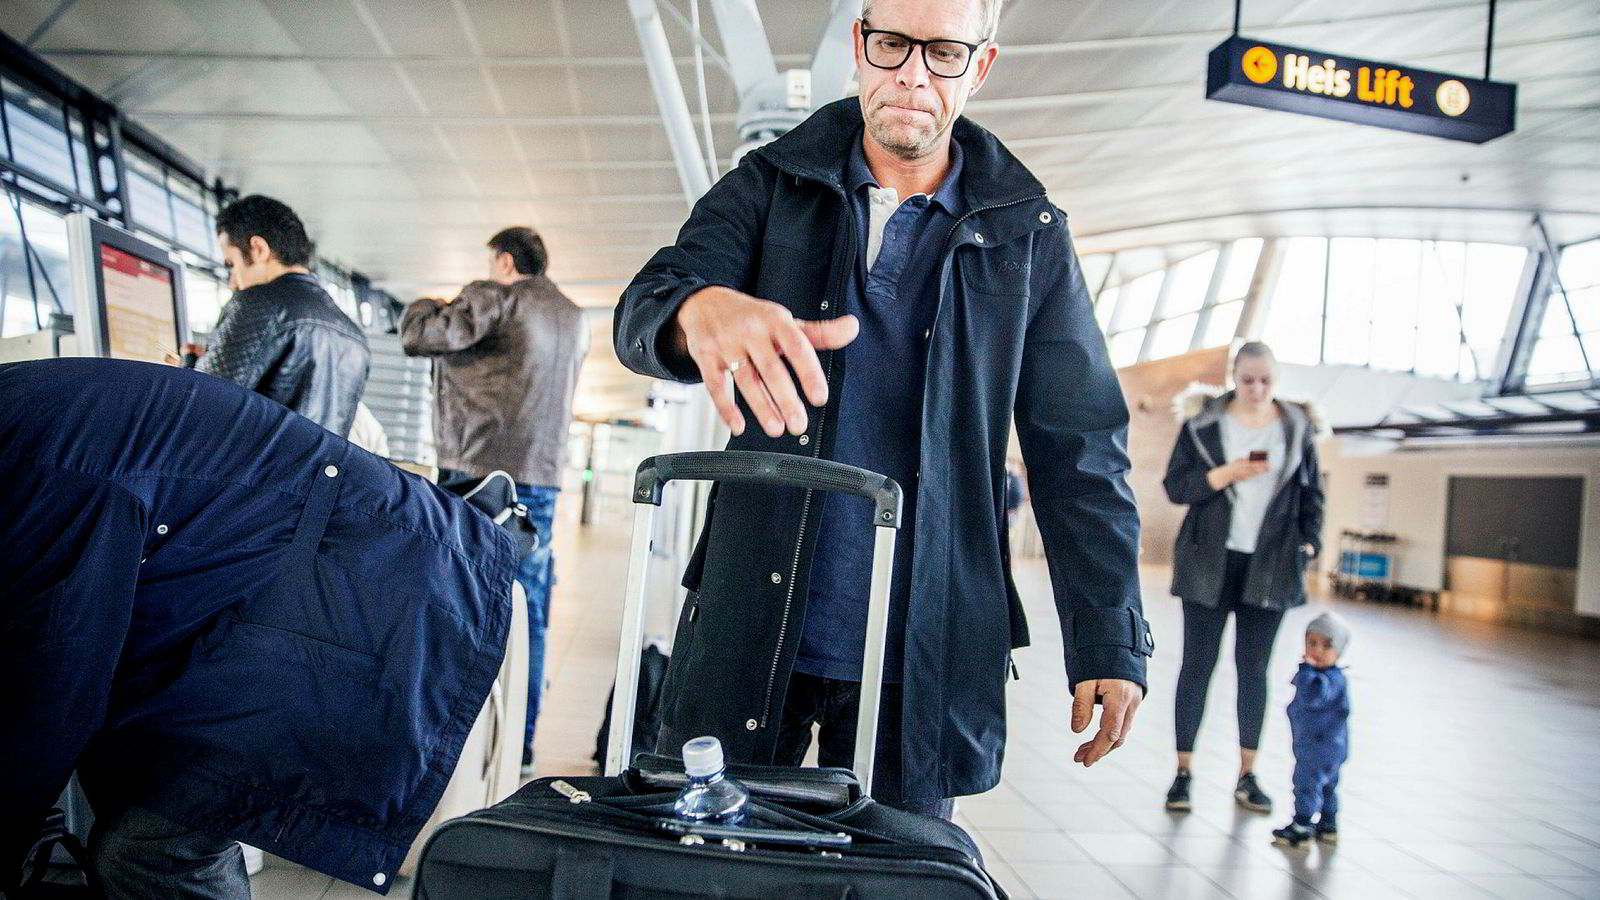 SAS-passasjer Øyvind Pedersen skal egentlig ut og fly torsdag, men vurderer å holde seg hjemme. Her fra Trondheim lufthavn Værnes, som kan bli sterkt rammet om pilotstreiken trappes opp torsdag.